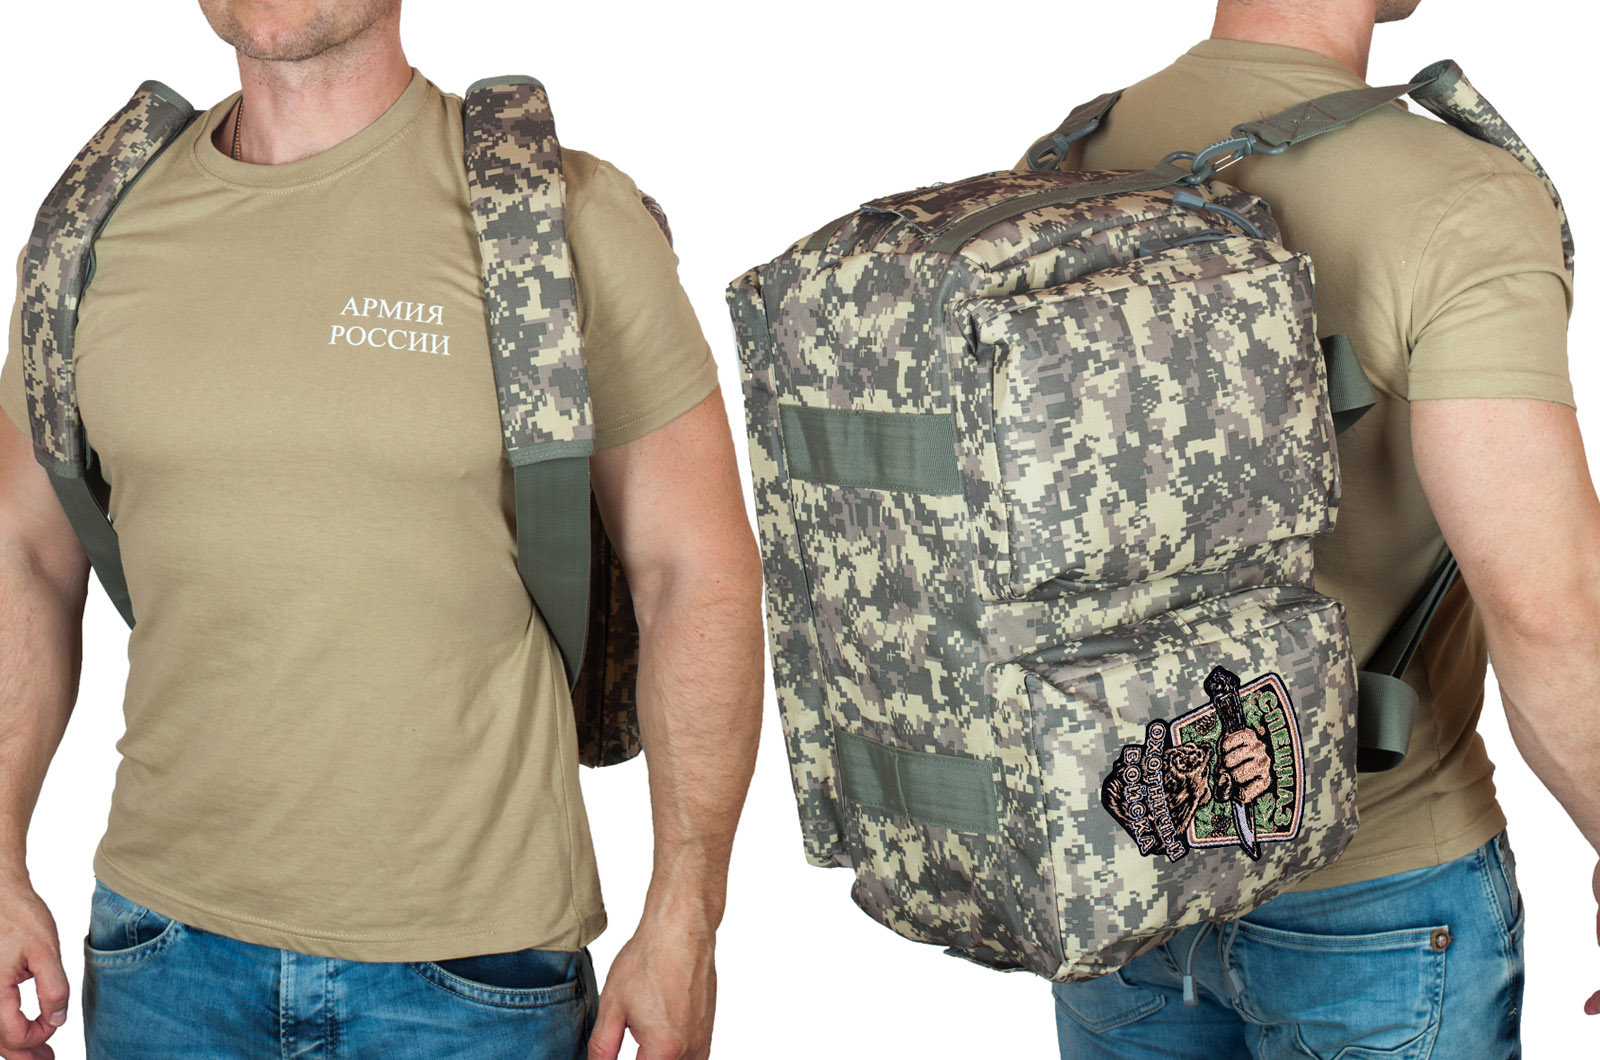 Дорожная камуфляжная сумка-рюкзак с эмблемой Охотничьих войск купить по выгодной цене